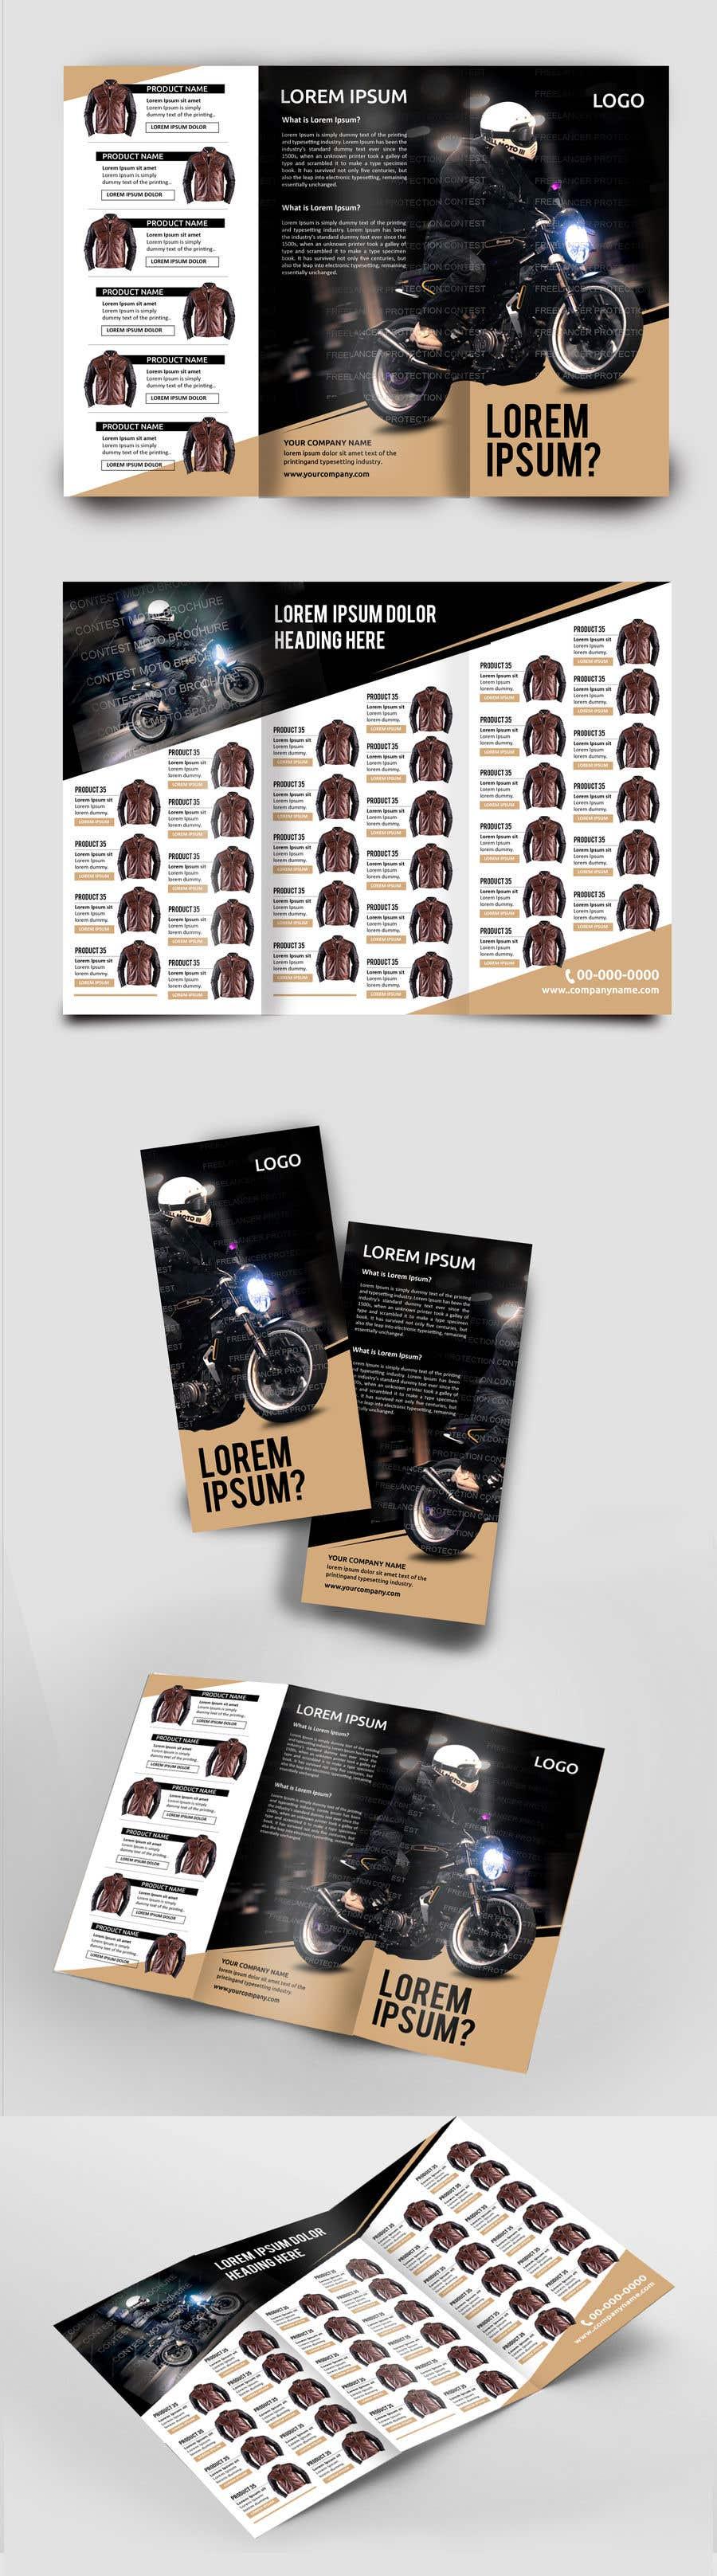 Penyertaan Peraduan #31 untuk motorbike clothing catalog